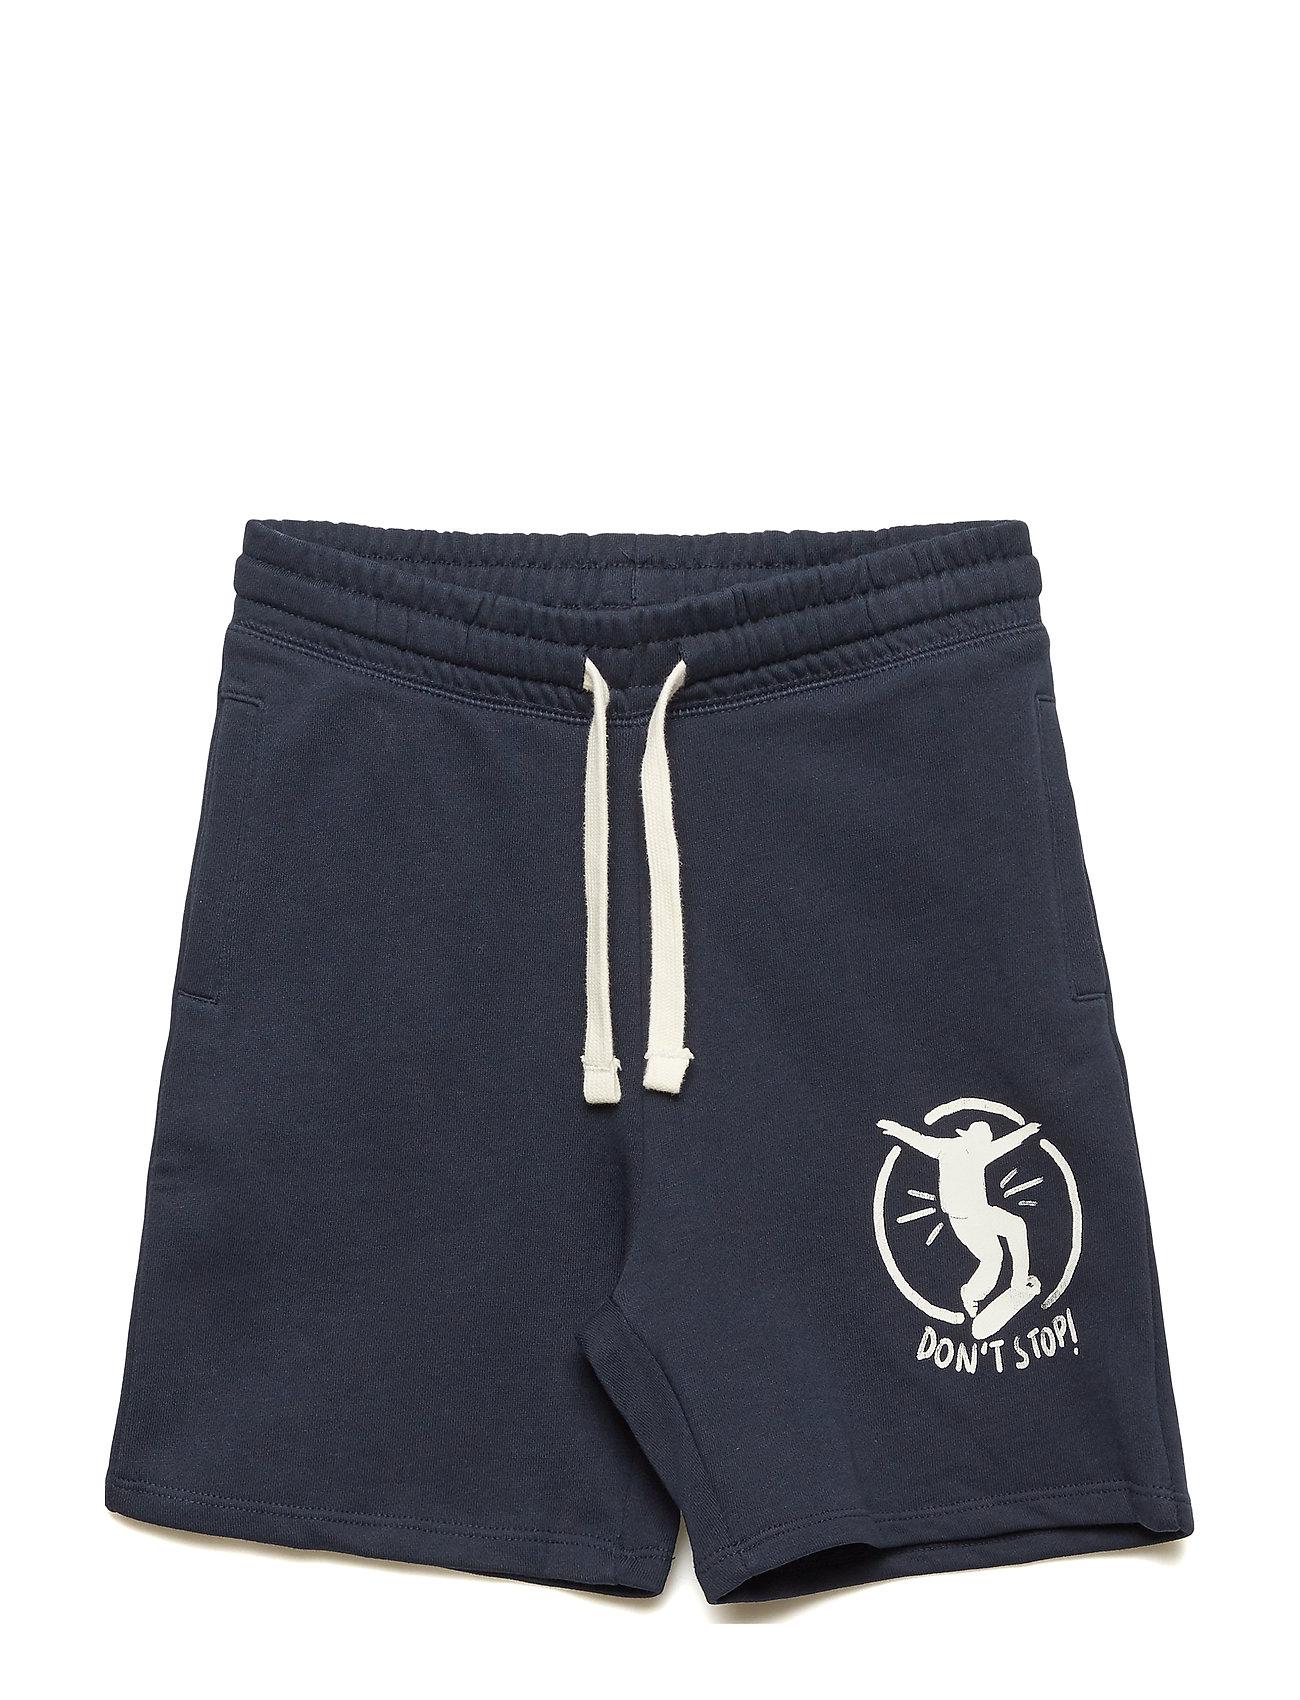 Printed Cotton Bermuda Shorts - Mango Kids